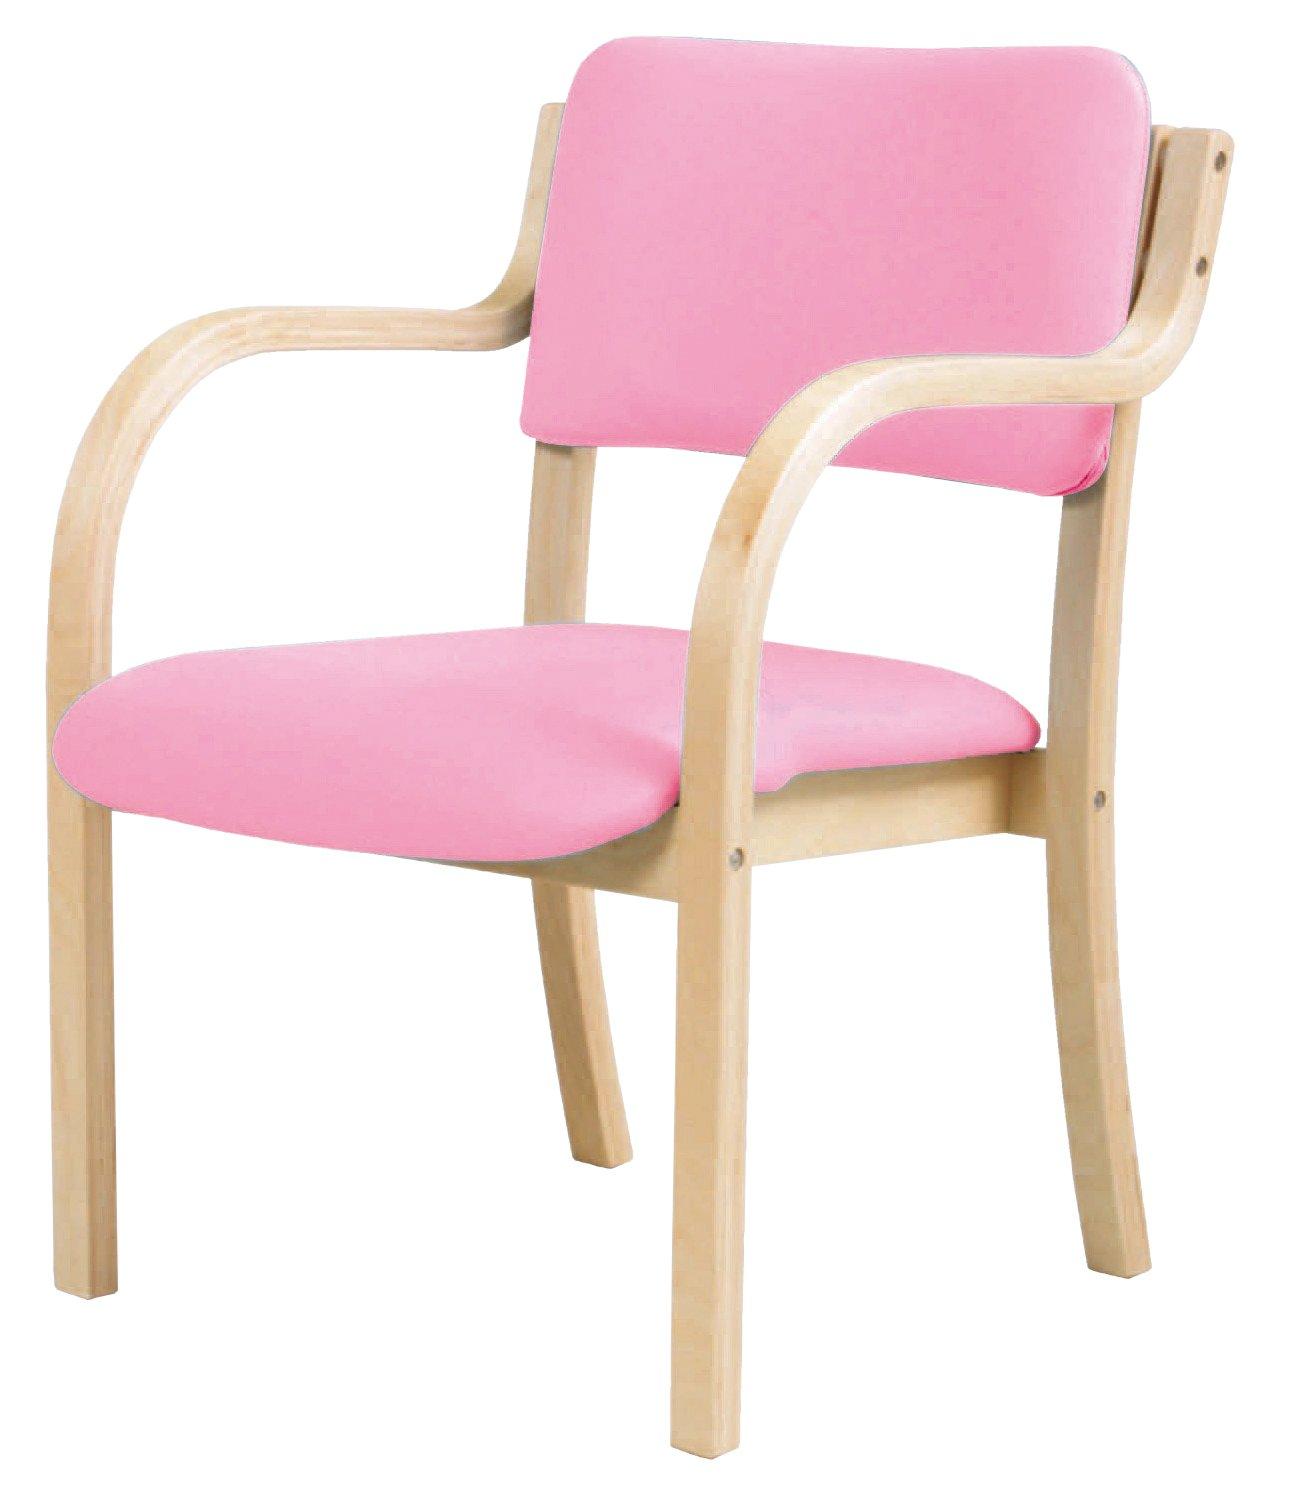 木製ベーシックデザイン 肘付ダイニングチェア 座面高さ415mm (ピンク) B017NF9V7W ピンク ピンク